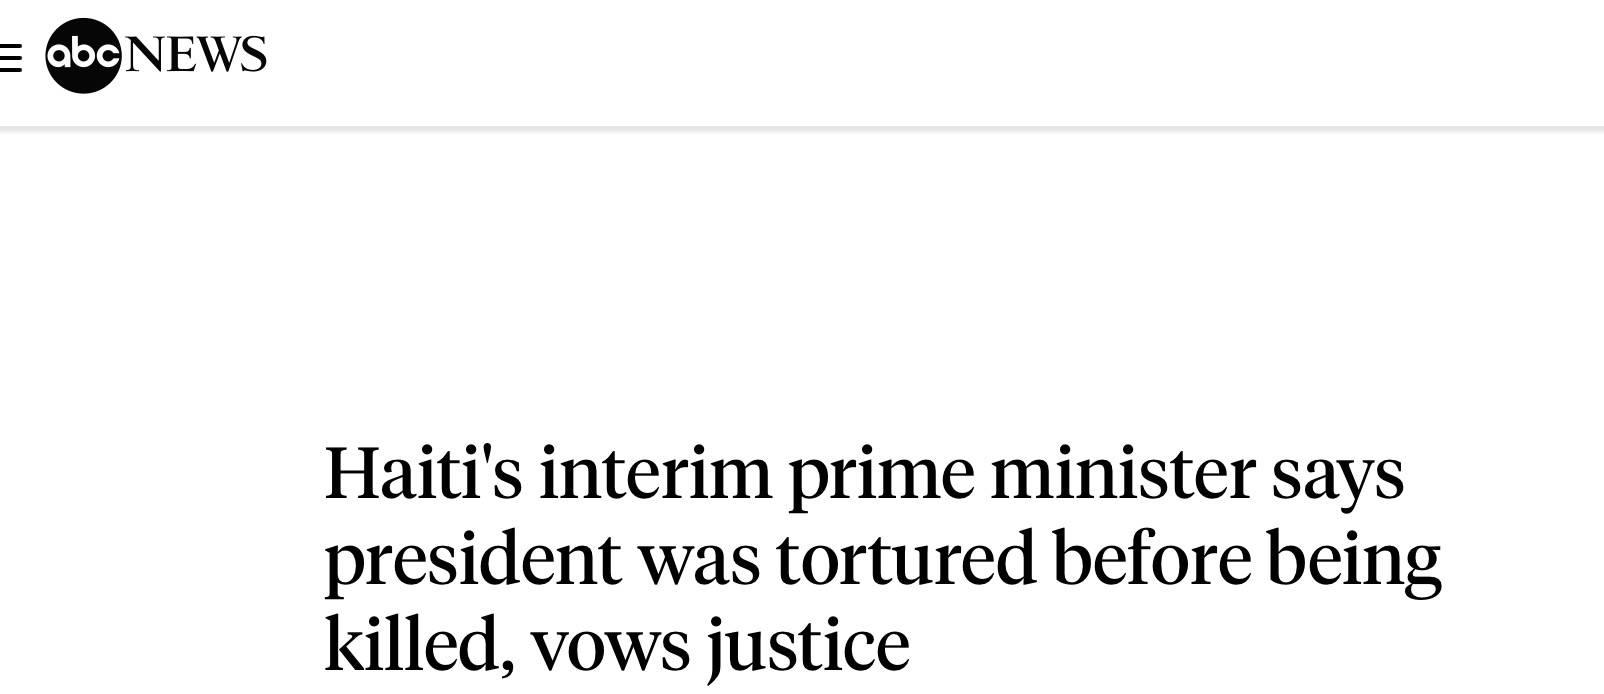 海地总统被刺杀前曾遭酷刑 海地总统死亡真相今日消息